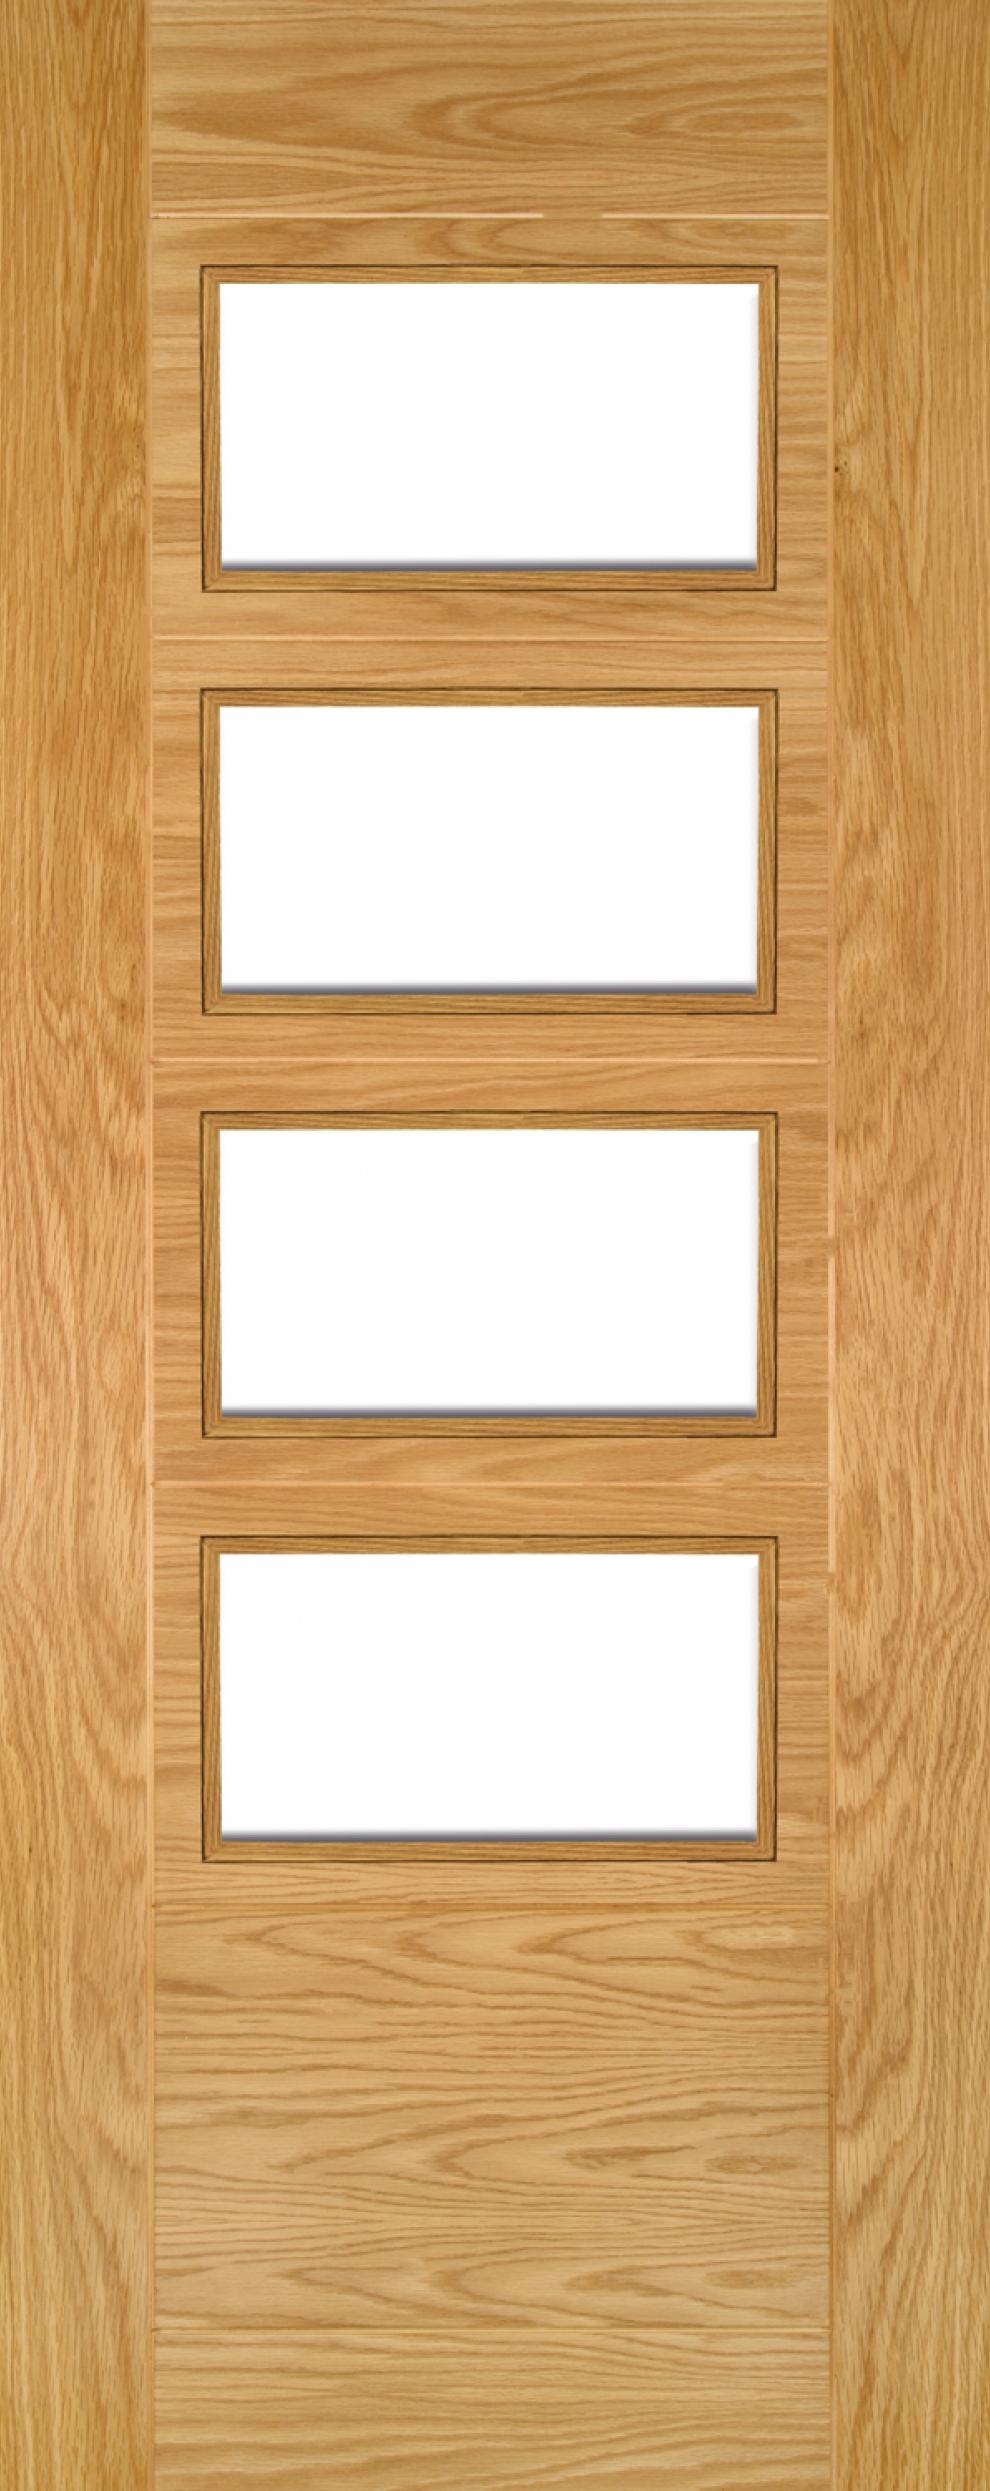 Seville Glazed Oak Prefinished 4P